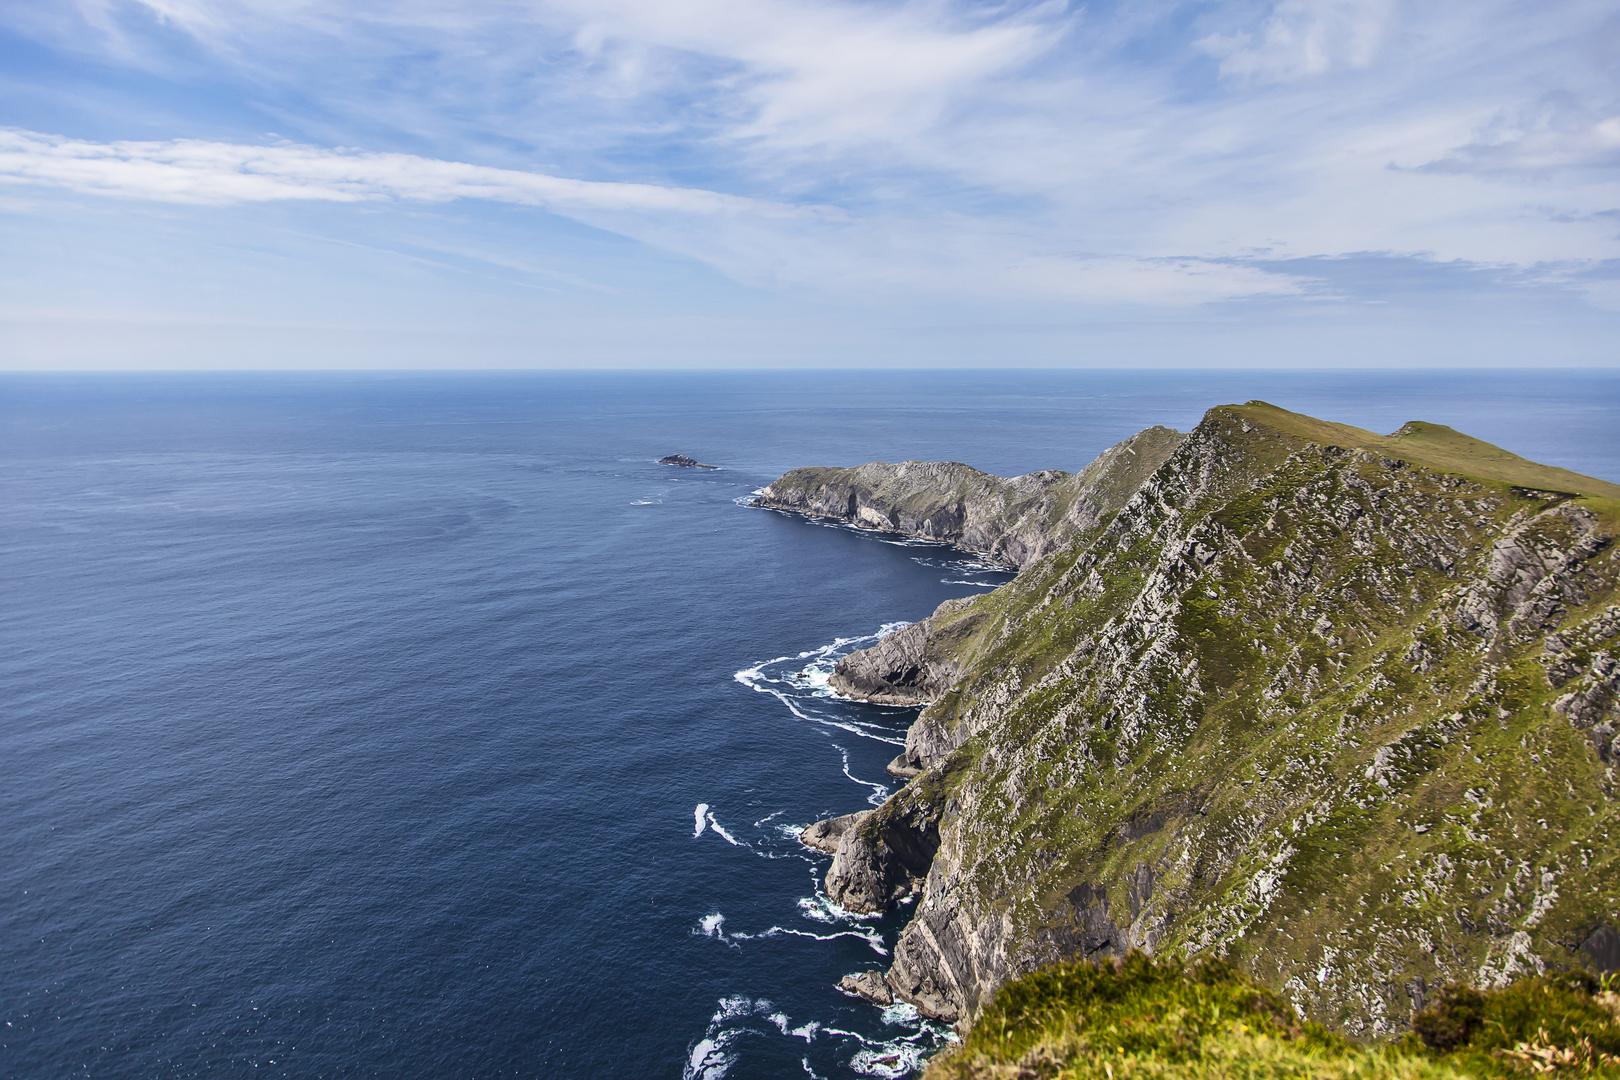 Viewpoint Achill Head